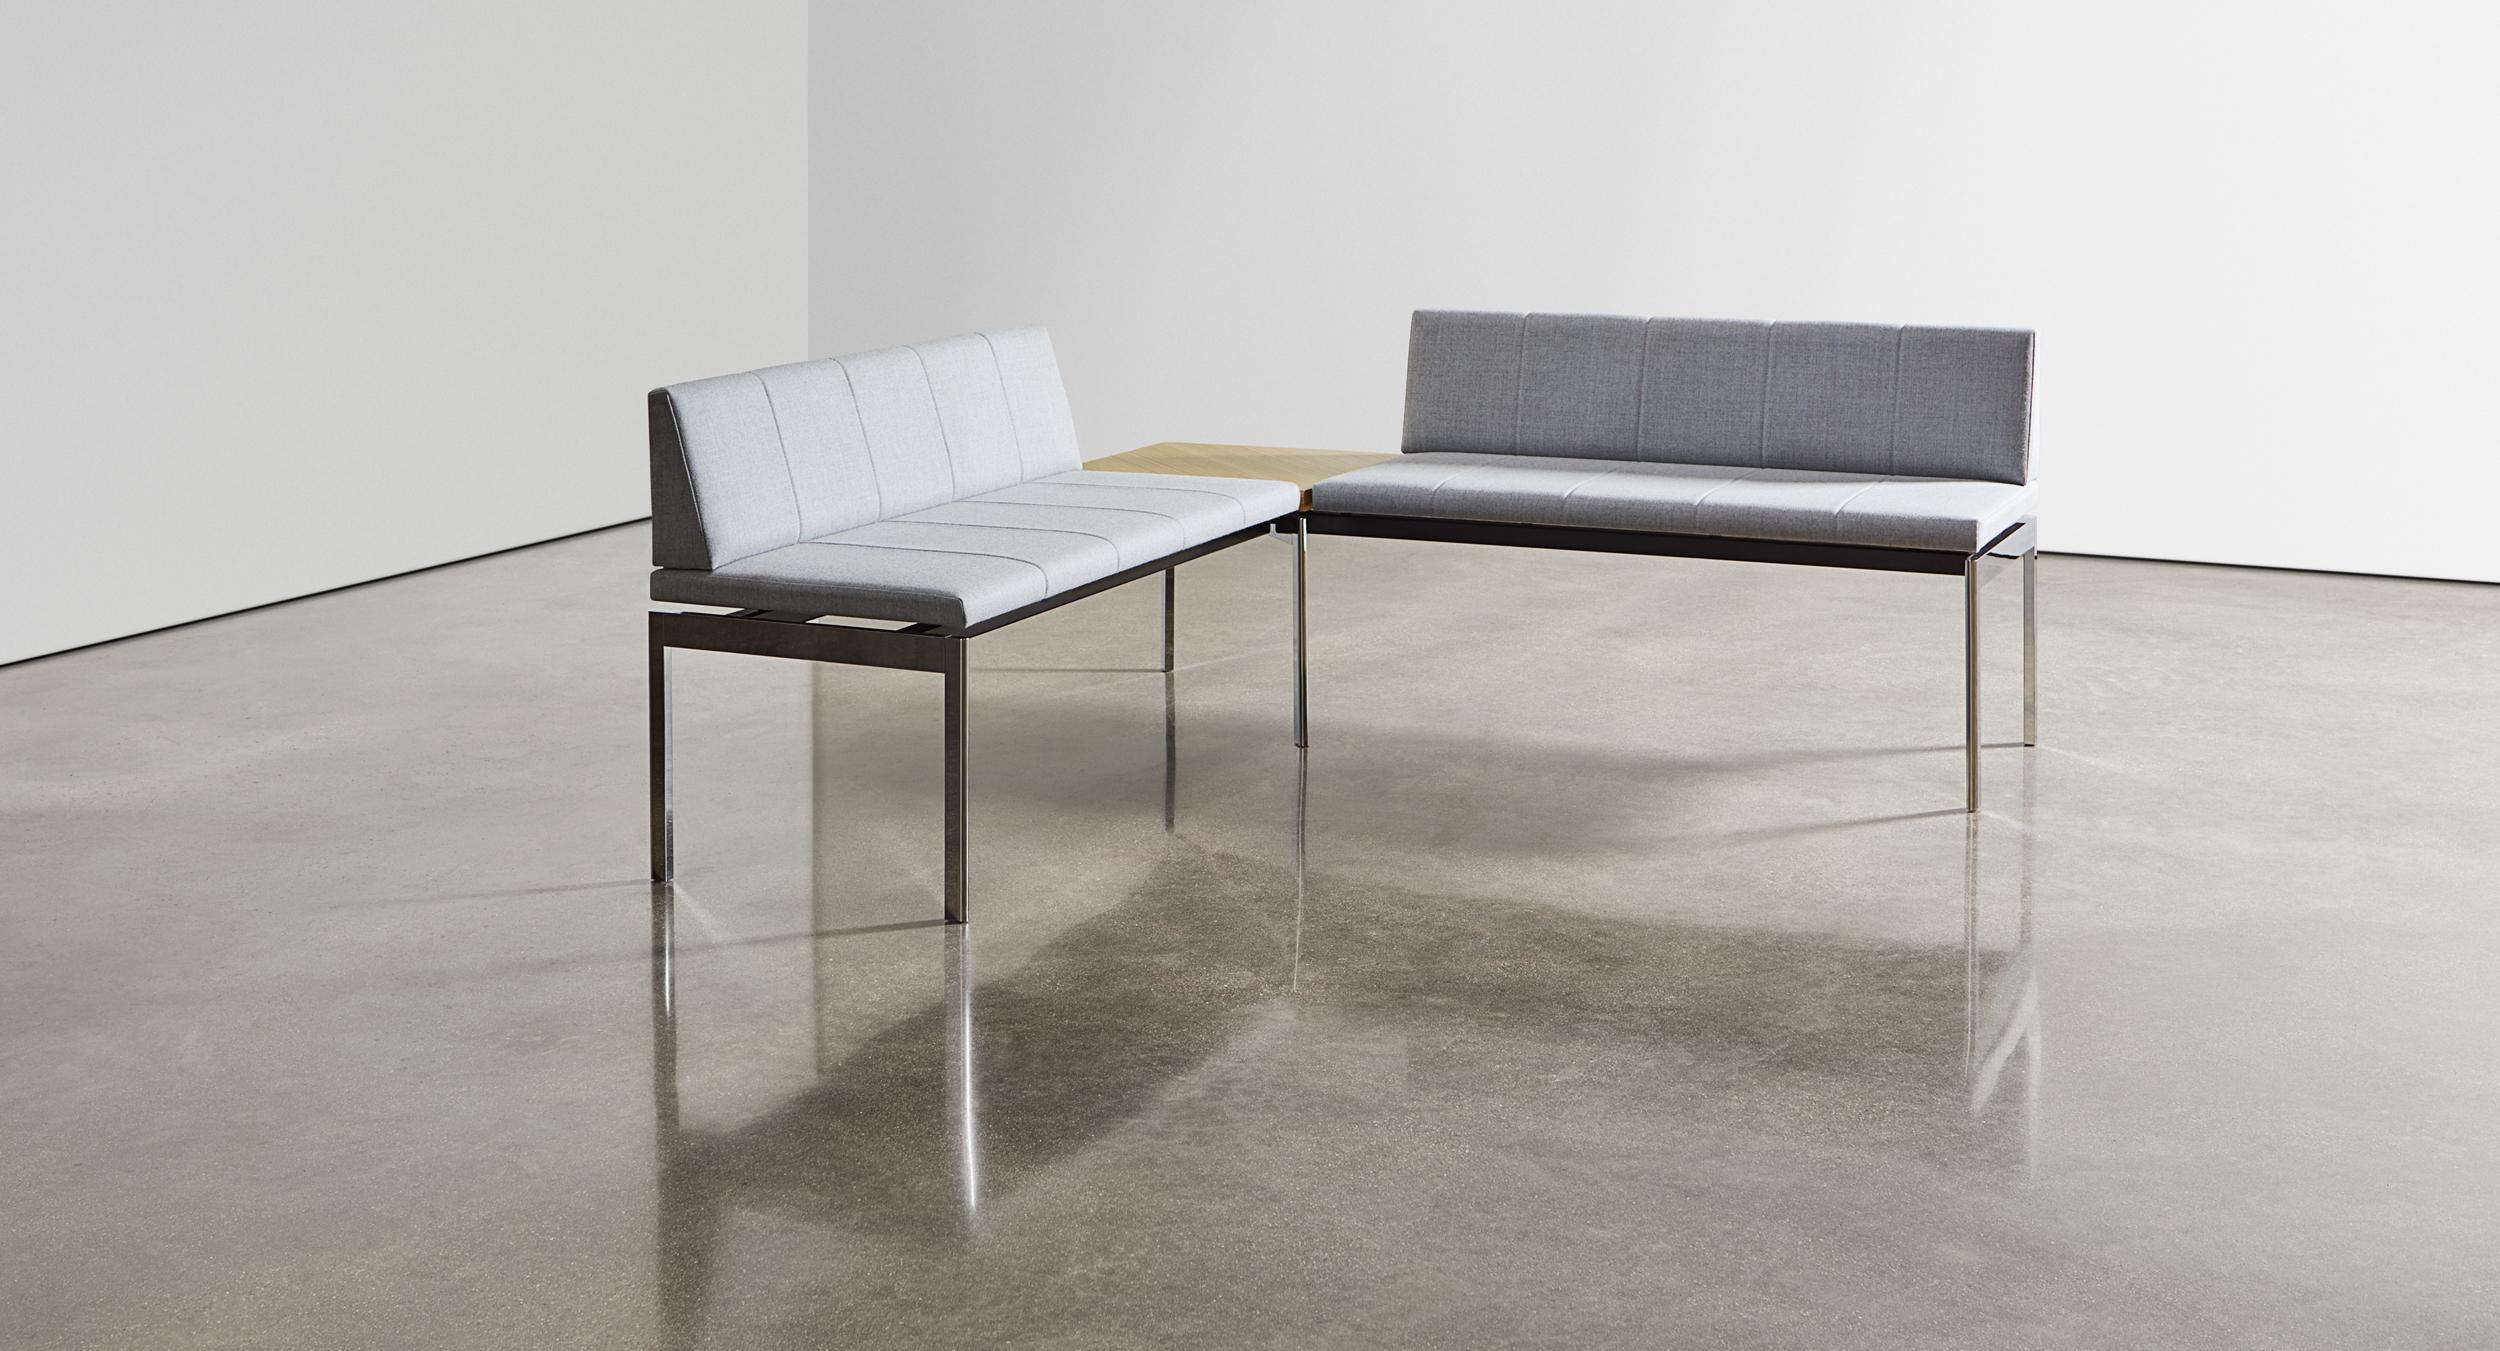 Surprising Halo Halcon Furniture Lamtechconsult Wood Chair Design Ideas Lamtechconsultcom